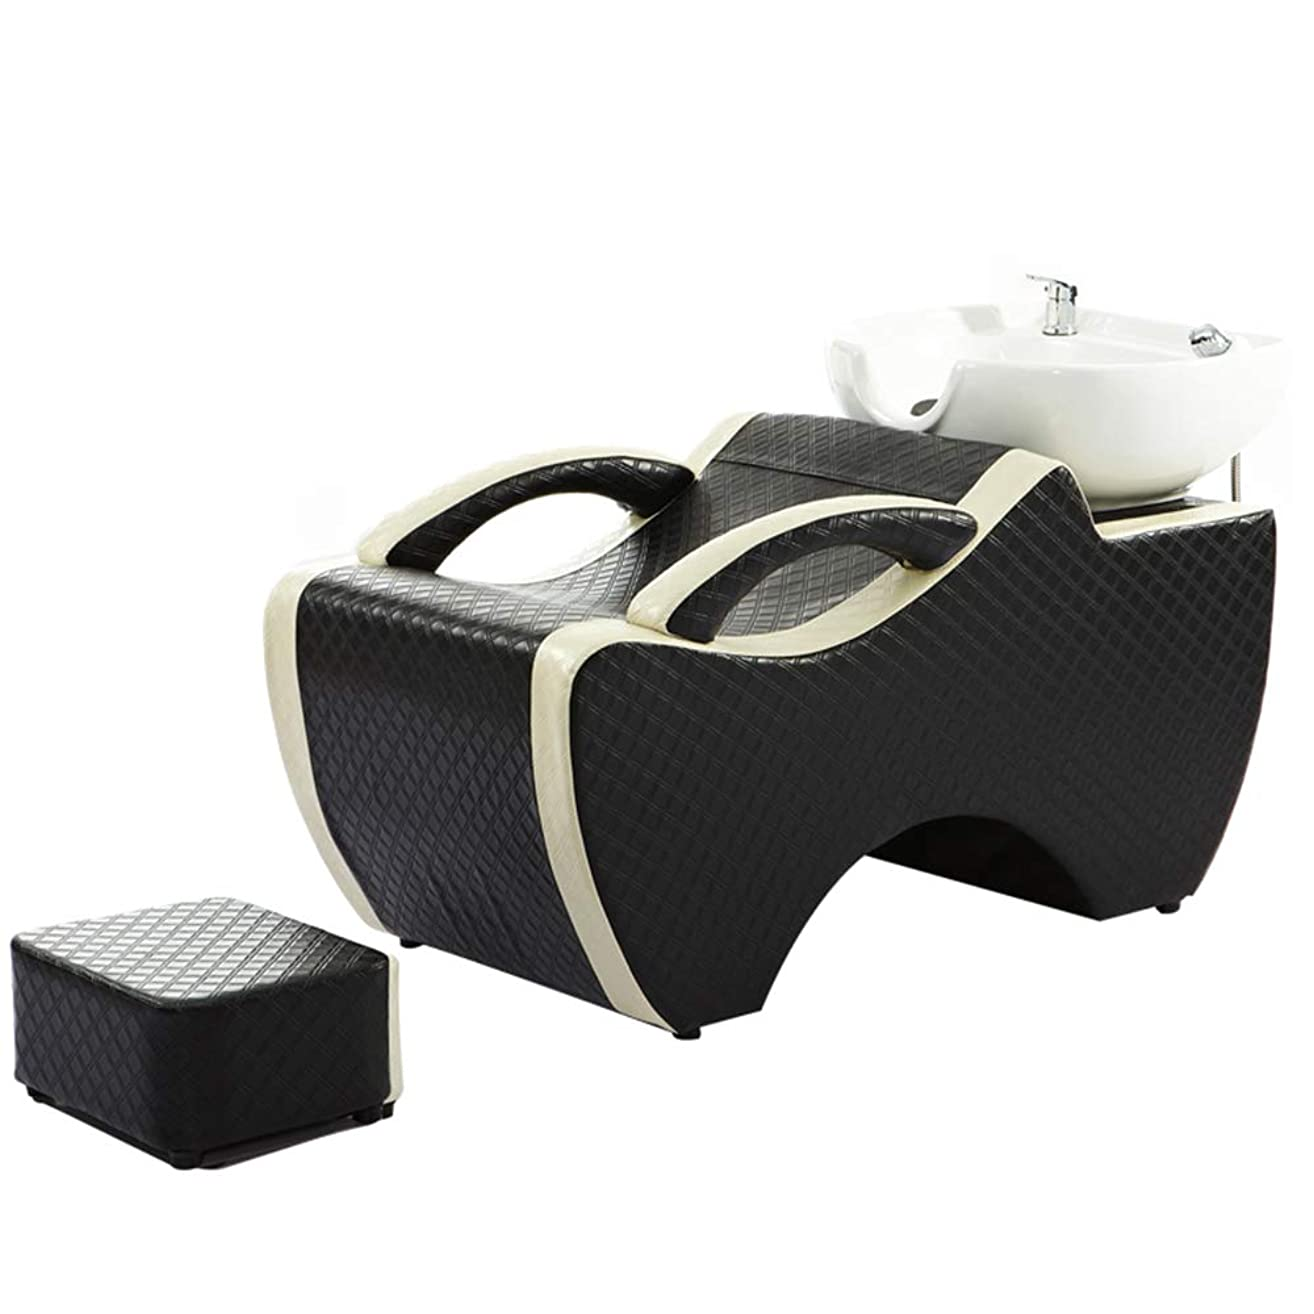 芸術悪因子困難シャンプー椅子、逆洗ユニットシャンプーボウル理髪シンク椅子用スパ美容院ベッドセラミック洗面台